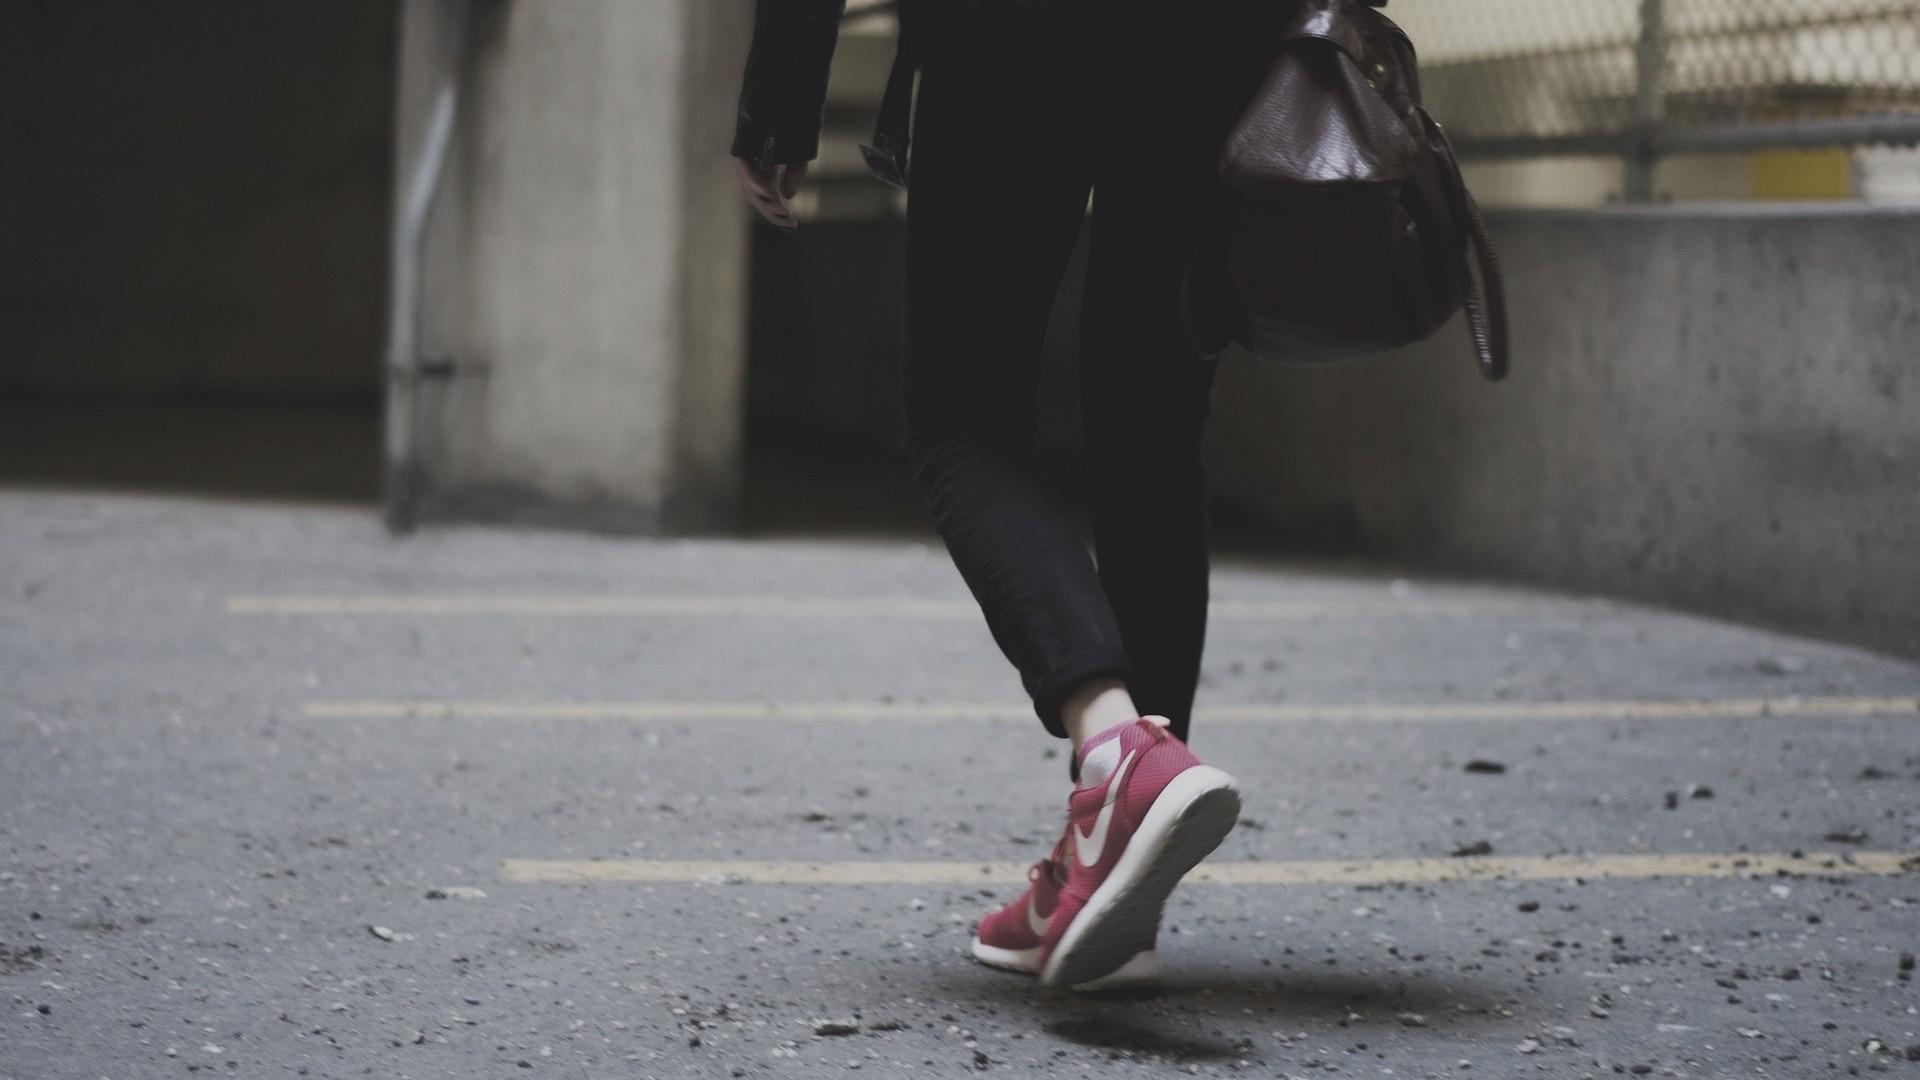 ▲走路,步行 。(圖/取自免費圖庫pixabay)